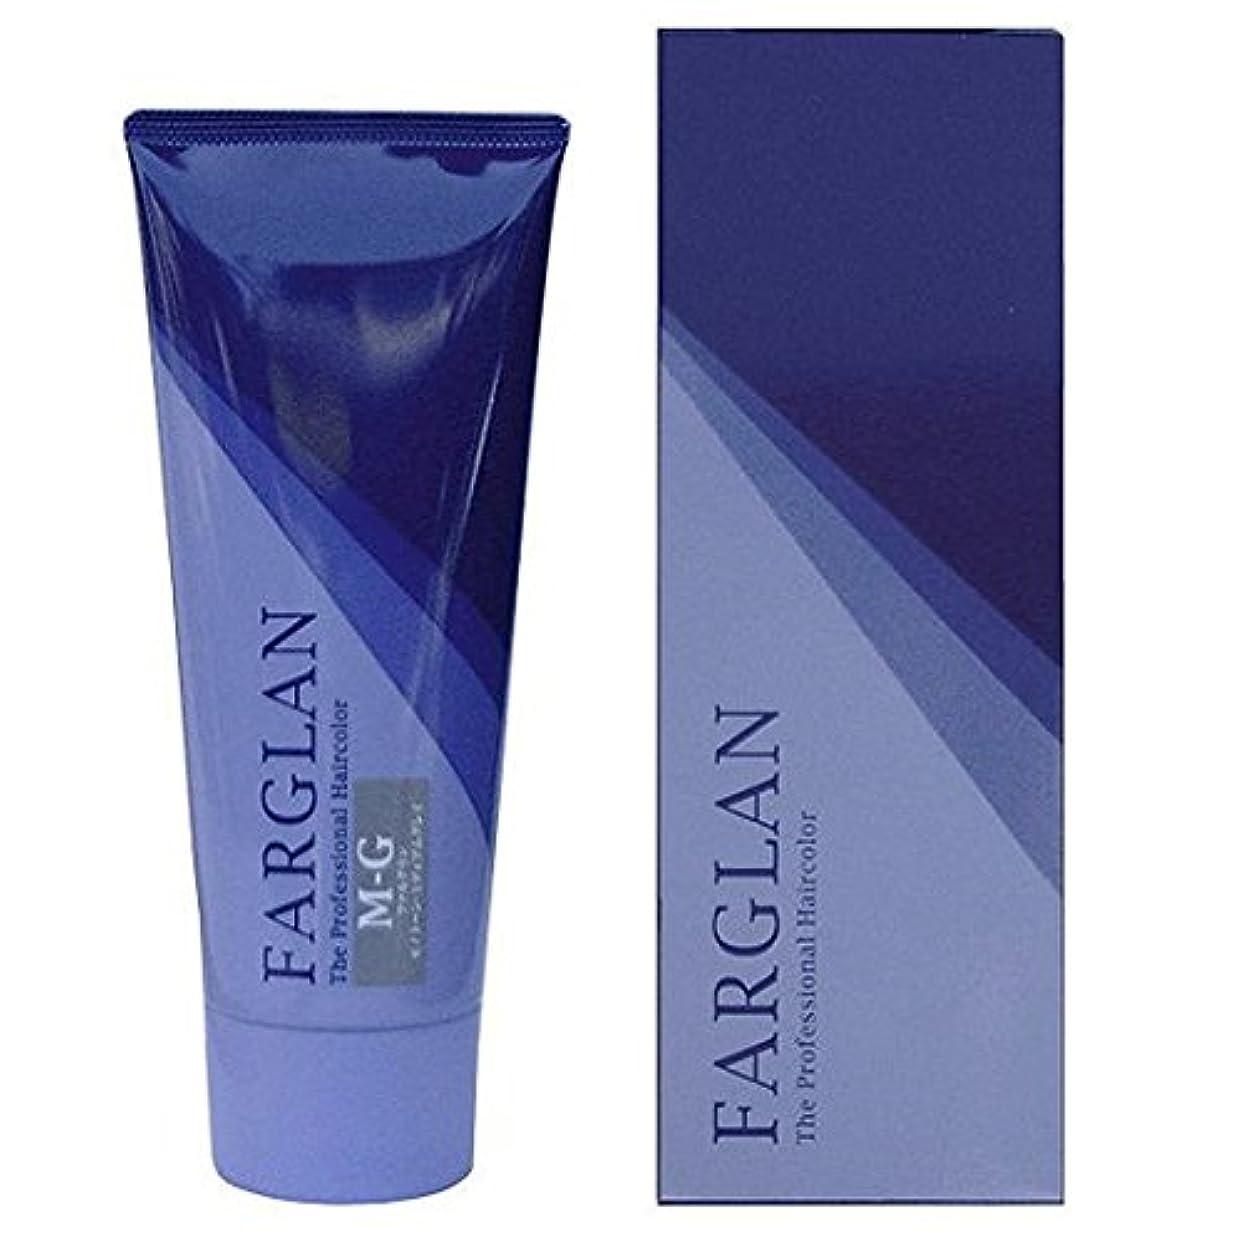 調整する不規則な雑品FARGLAN(ファルグラン) ヘアカラー L-NB 160g